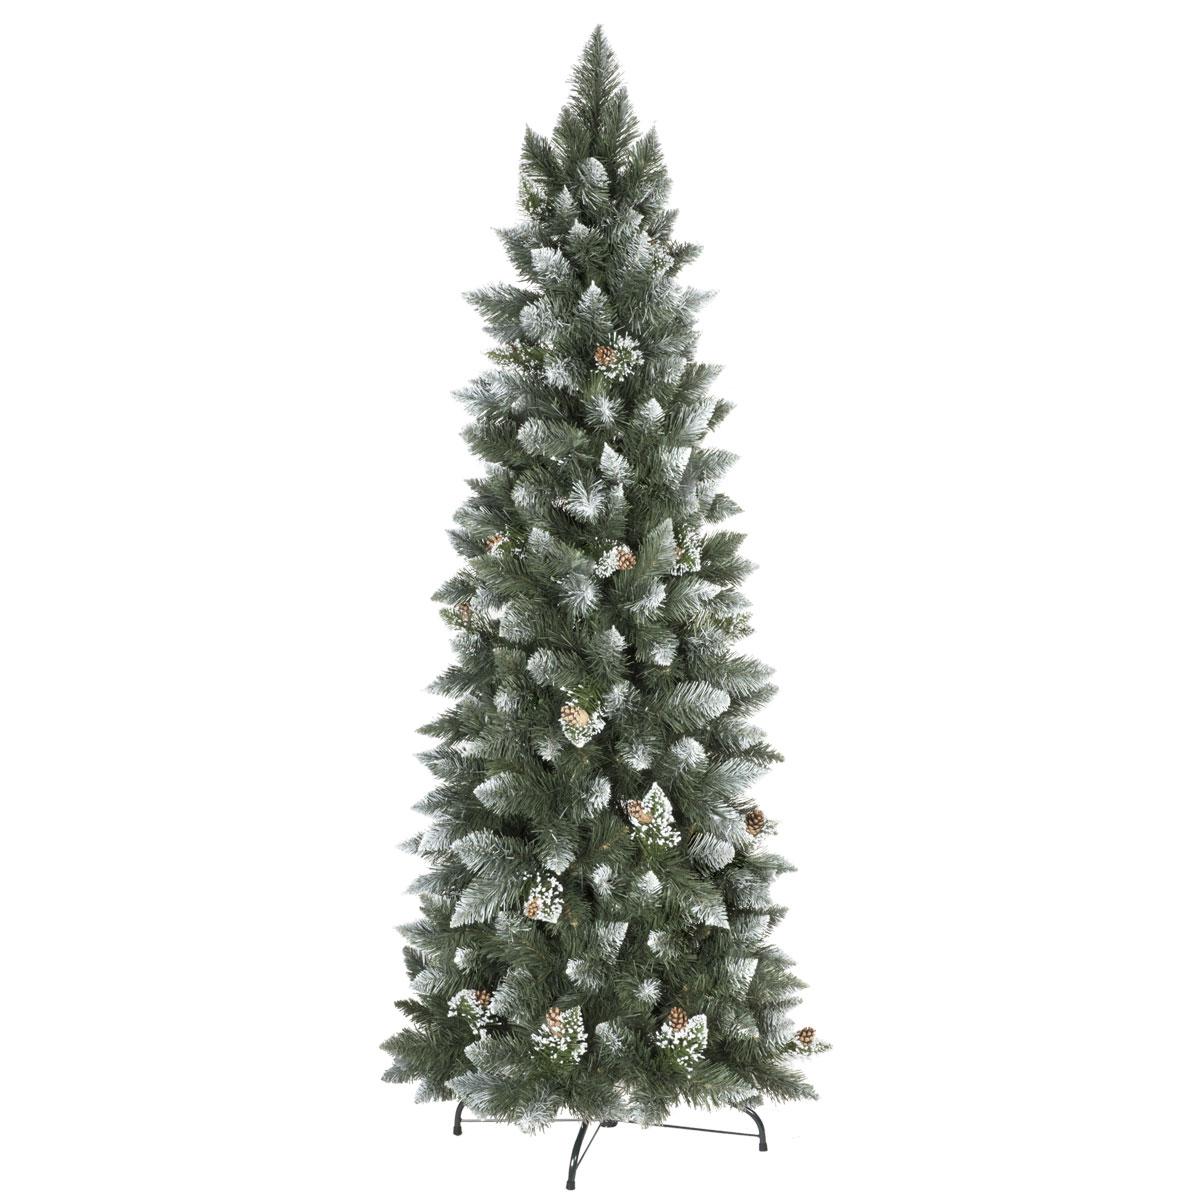 weihnachtsbaum tannenbaum kiefer weiss beschneit. Black Bedroom Furniture Sets. Home Design Ideas